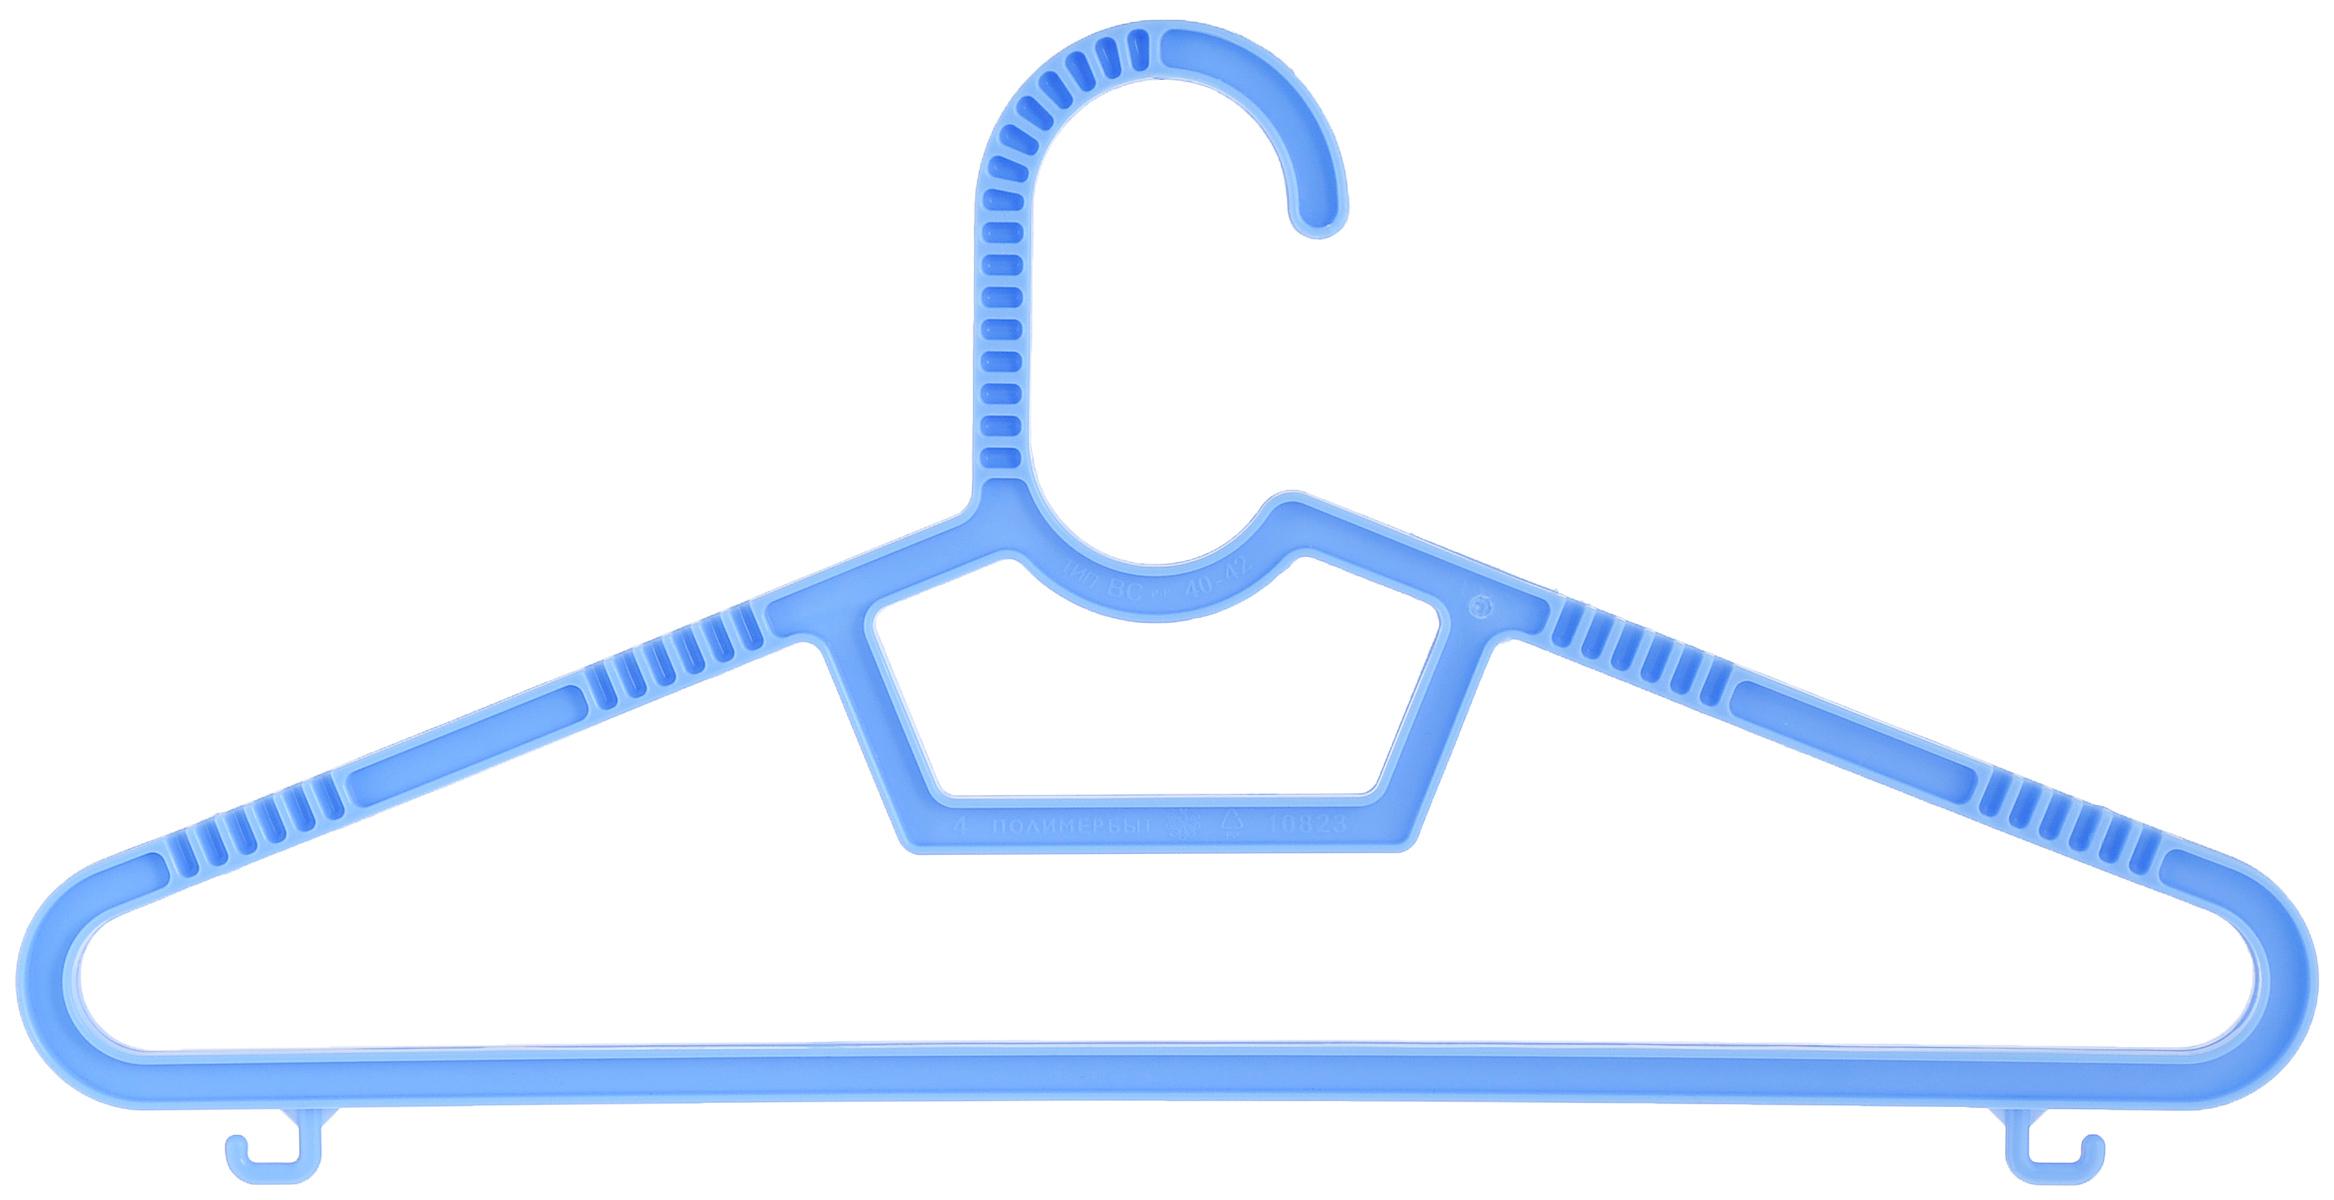 Набор детских вешалок Полимербыт, цвет: голубой, размер 40-42, 3 штПБ 236_голубойНабор Полимербыт состоит из трех детских вешалок для одежды, выполненных из пластика. У вешалок есть перекладина и два небольших крючка по бокам. Плечики вешалки подойдут для одежды размера 40-42. Вешалка - это незаменимая вещь для того, чтобы ваша одежда всегда оставалась в хорошем состоянии.